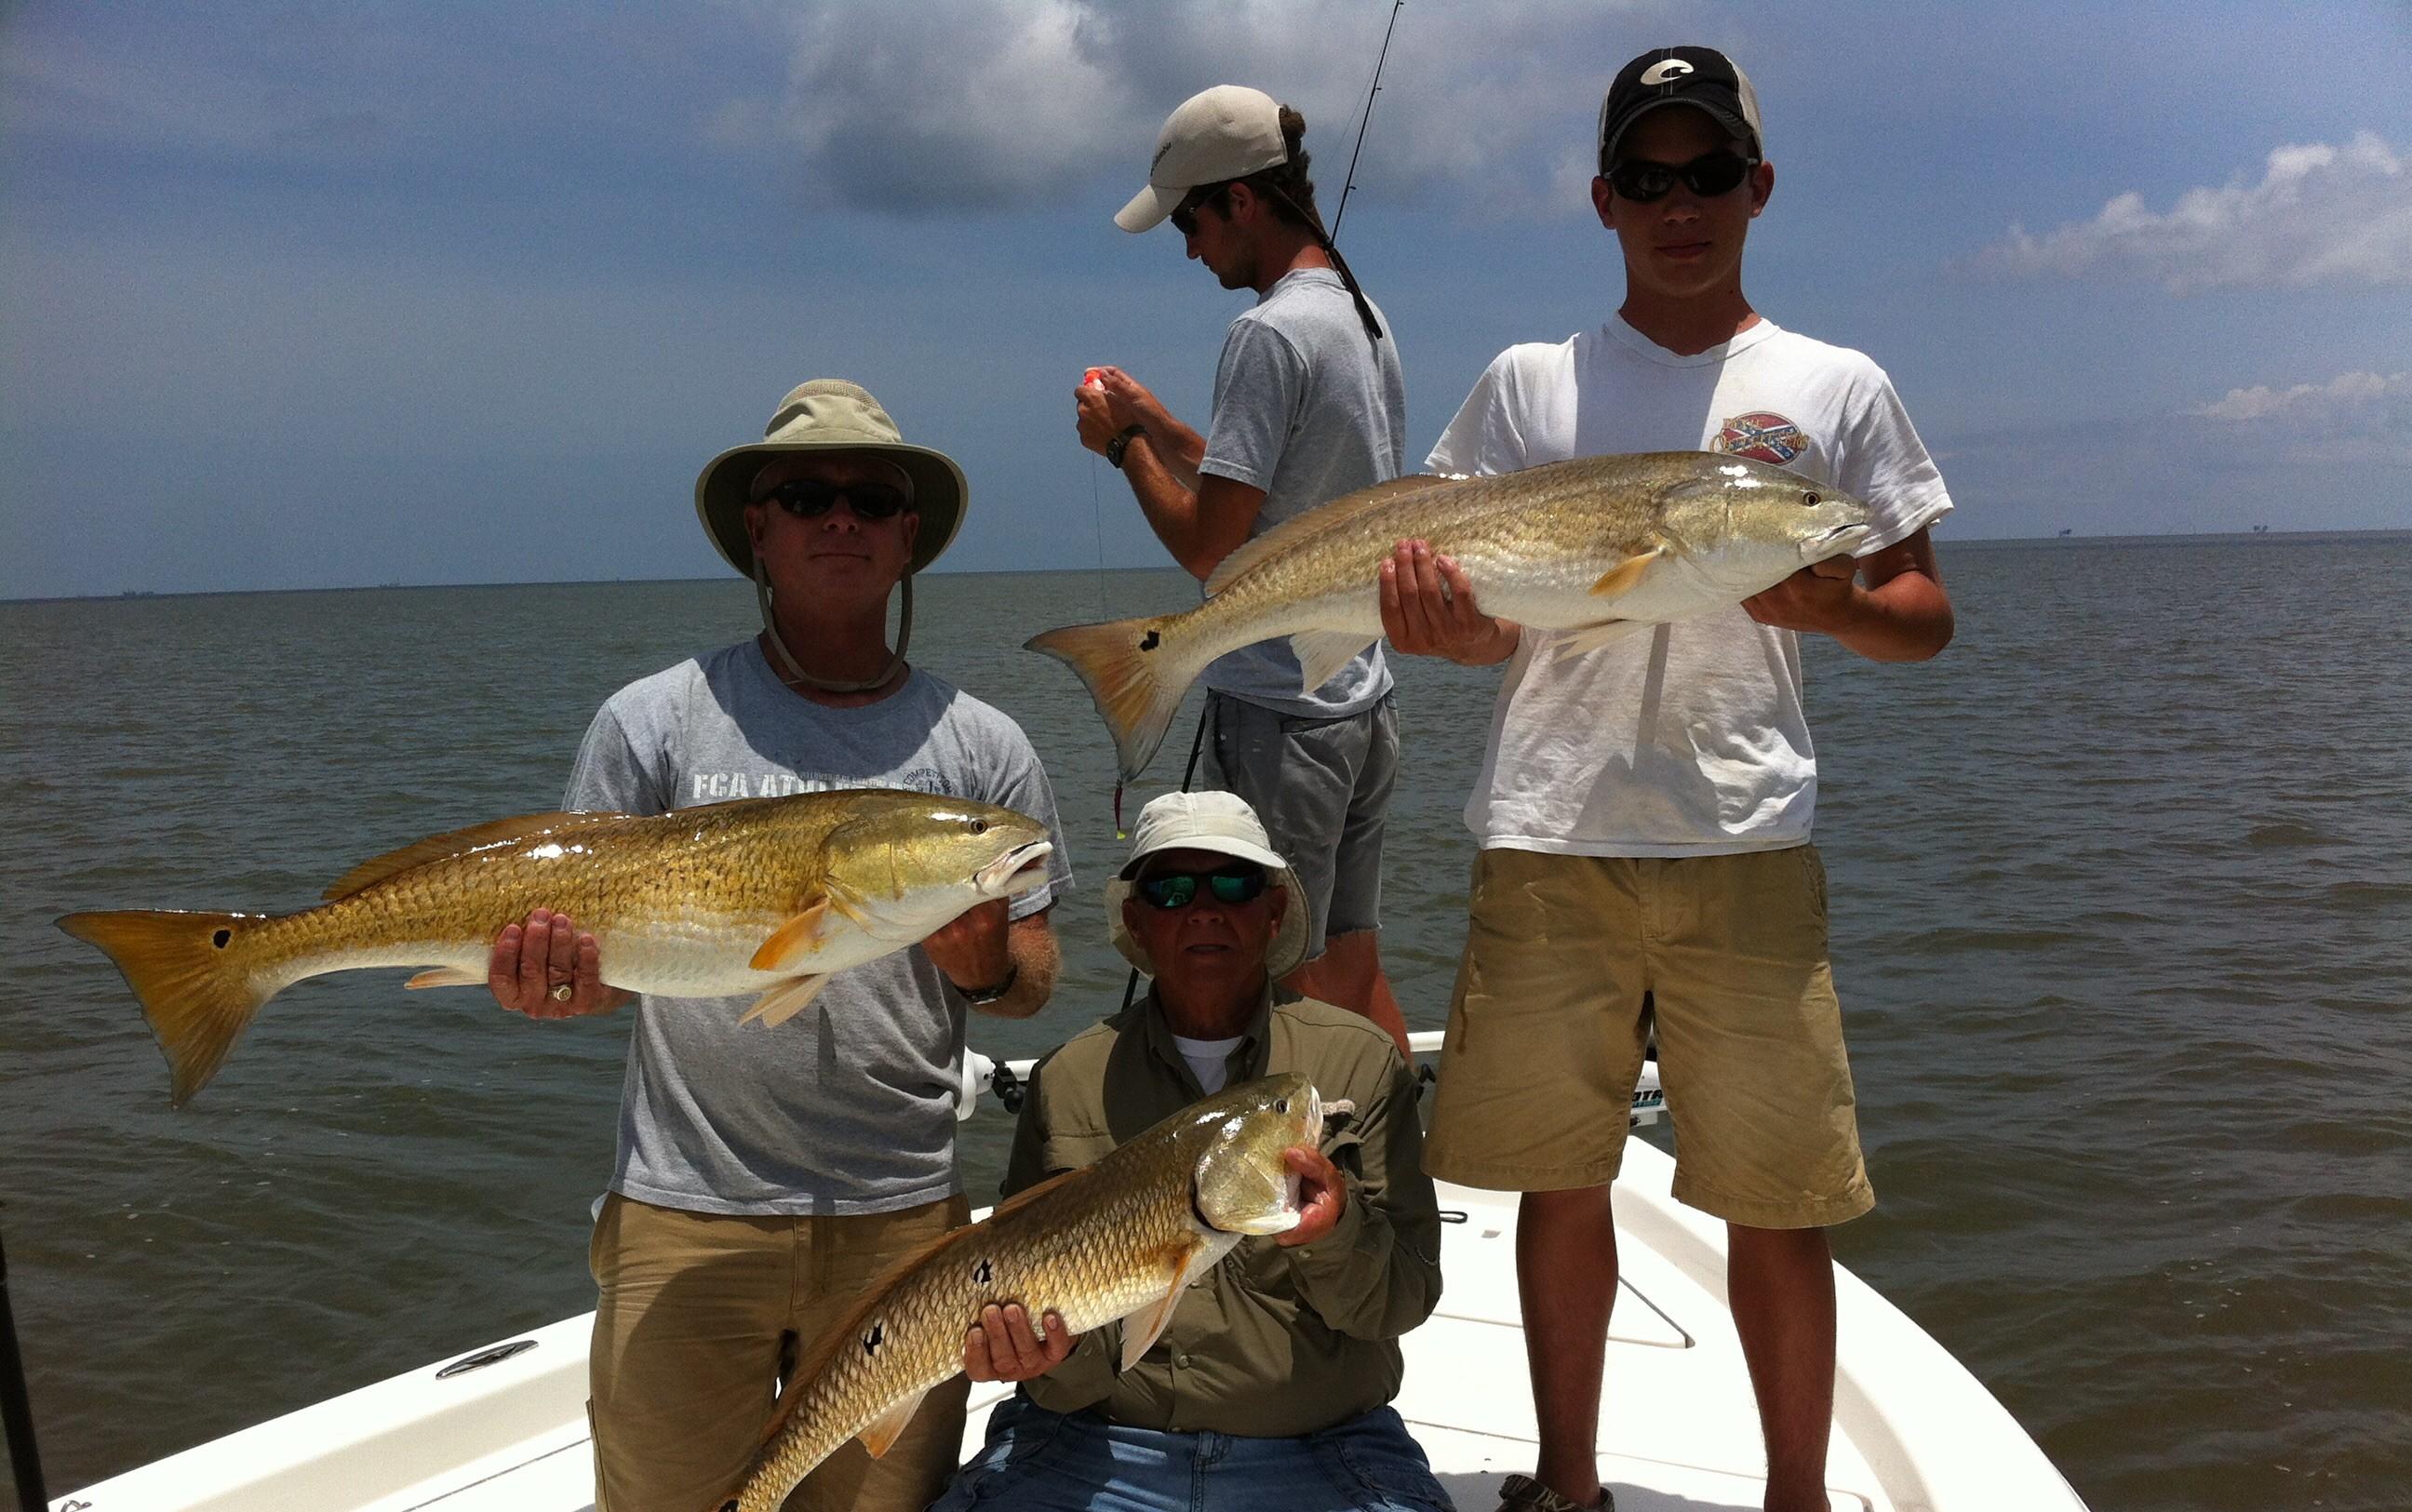 Louisiana Inshore Adventures: 4 Person Charter